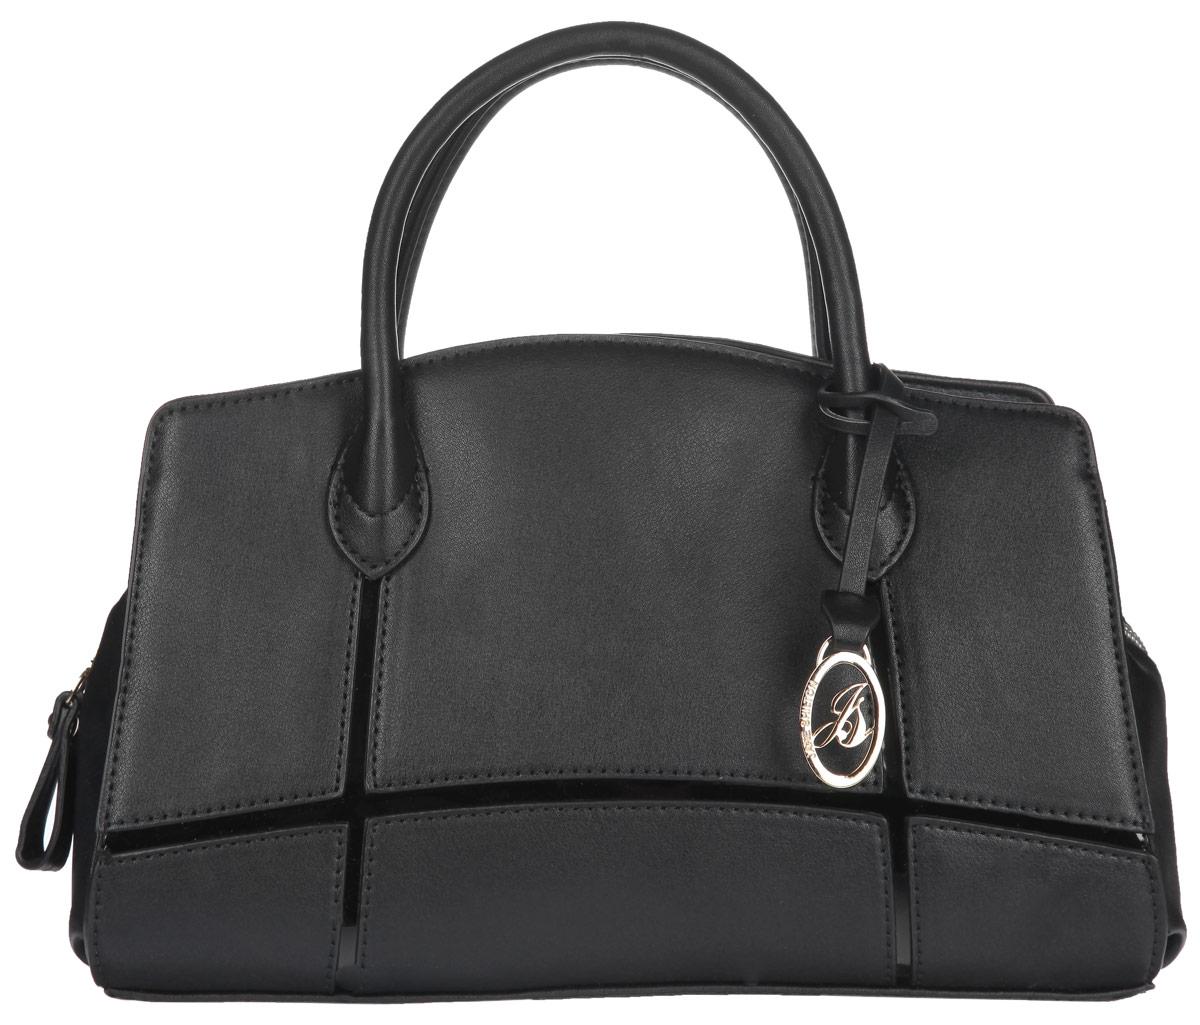 Сумка женская Jane Shilton, цвет: черный. 1910L39845800Стильная сумка Jane Shilton выполнена из искусственной кожи с зернистой фактурой, оформлена, вставкой из искусственной лакированной кожи, металлической фурнитурой и подвеской с символикой бренда.Изделие содержит одно отделение, которое закрывается на застежку-молнию. Внутри изделия расположены: врезной карман на застежке-молнии и накладной карман для телефона. Снаружи, на задней стороне сумки, расположен врезной карман на молнии. Сумка оснащена двумя практичными ручками и съемным плечевым ремнем, которые позволят носить изделие, как в руках, так и на плече.Оригинальный аксессуар позволит вам завершить образ и быть неотразимой.